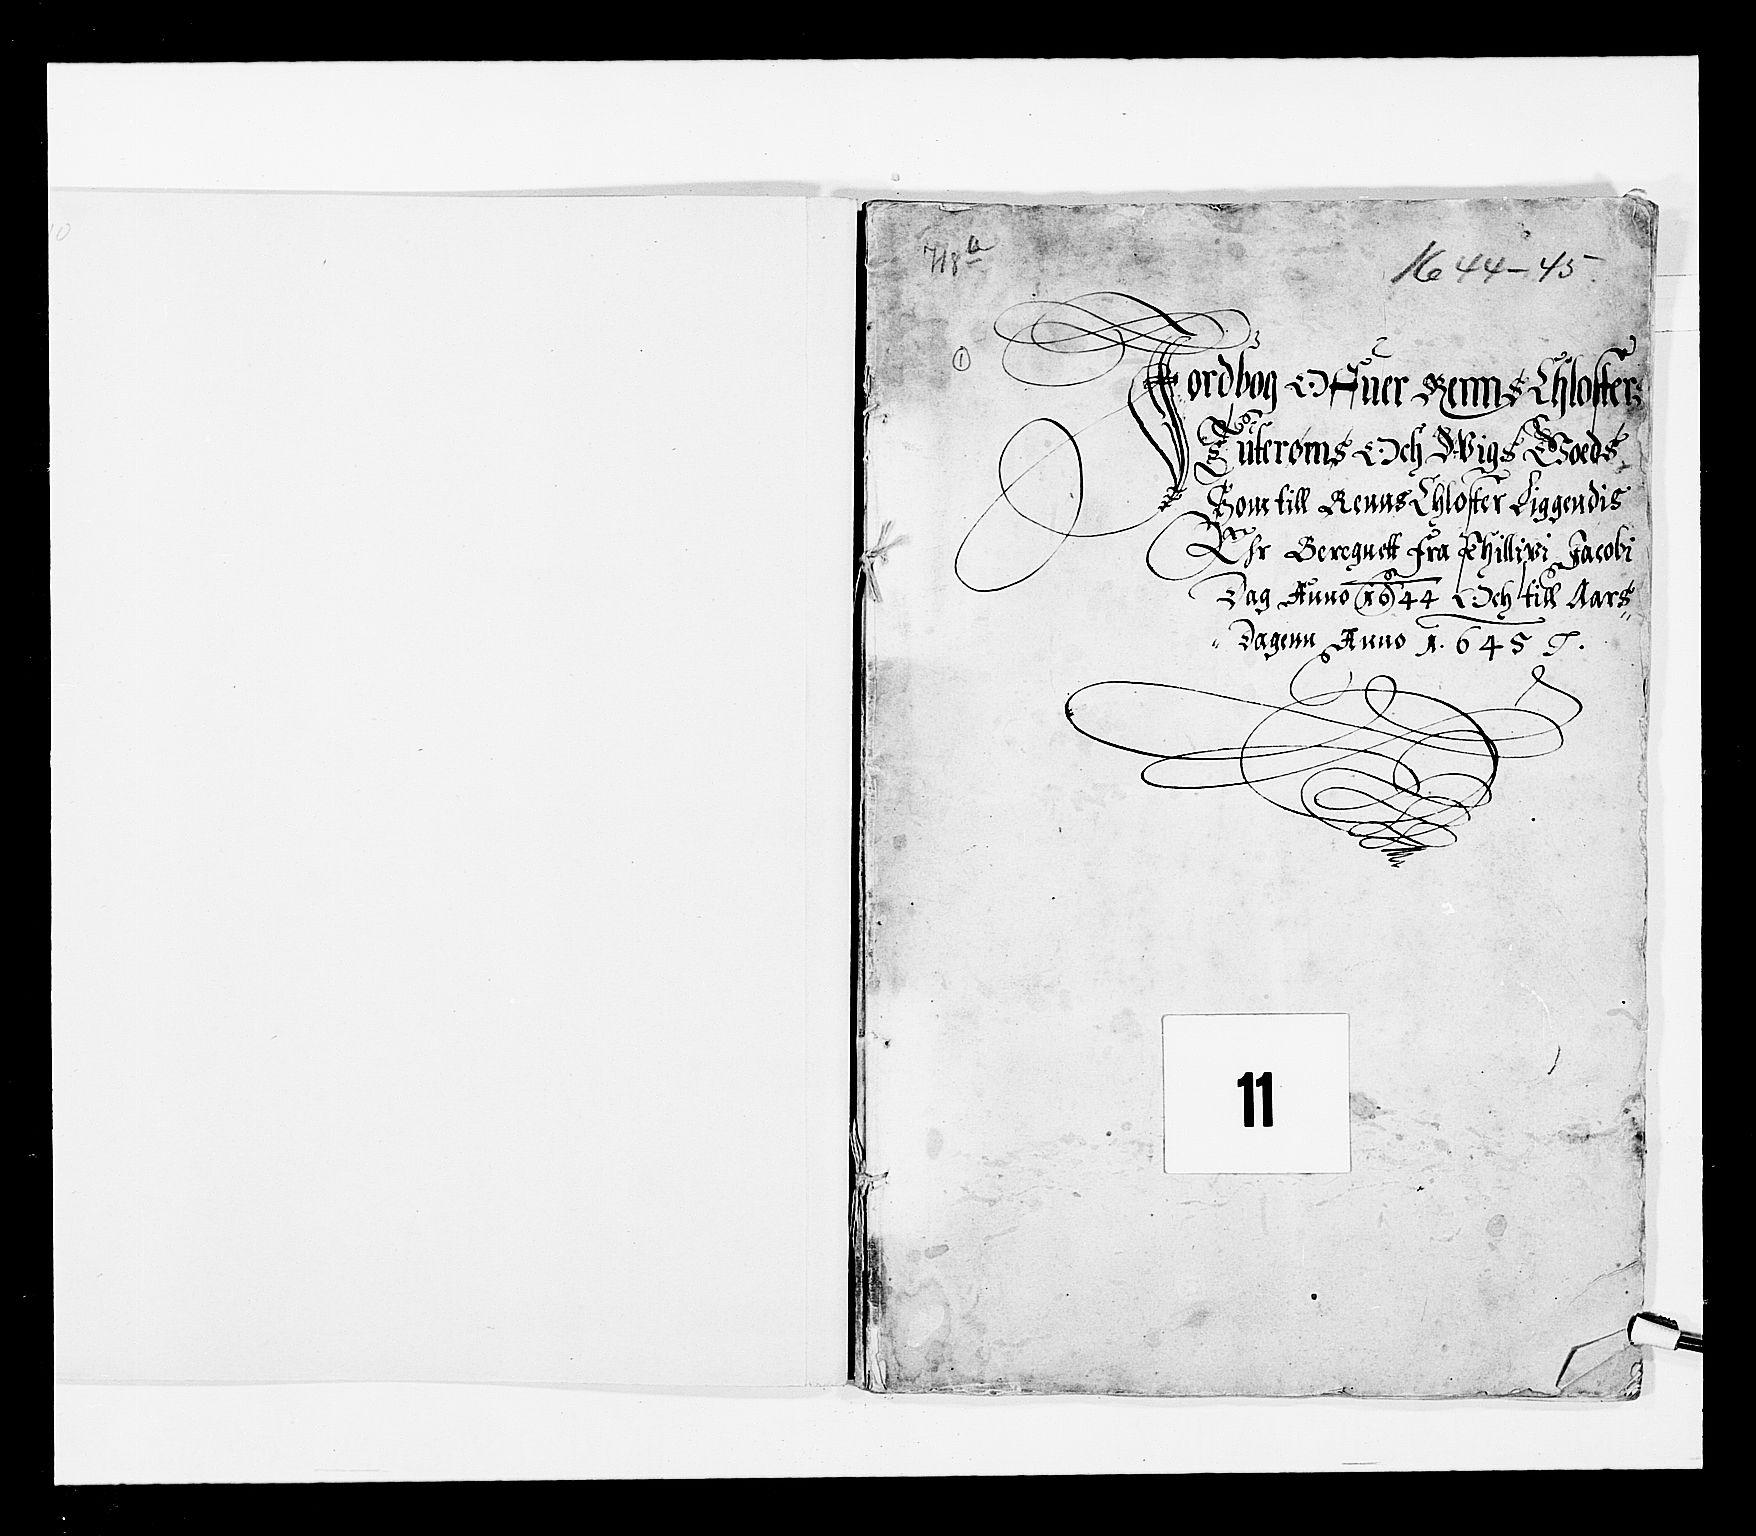 RA, Stattholderembetet 1572-1771, Ek/L0027: Jordebøker 1633-1658:, 1644-1645, s. 2